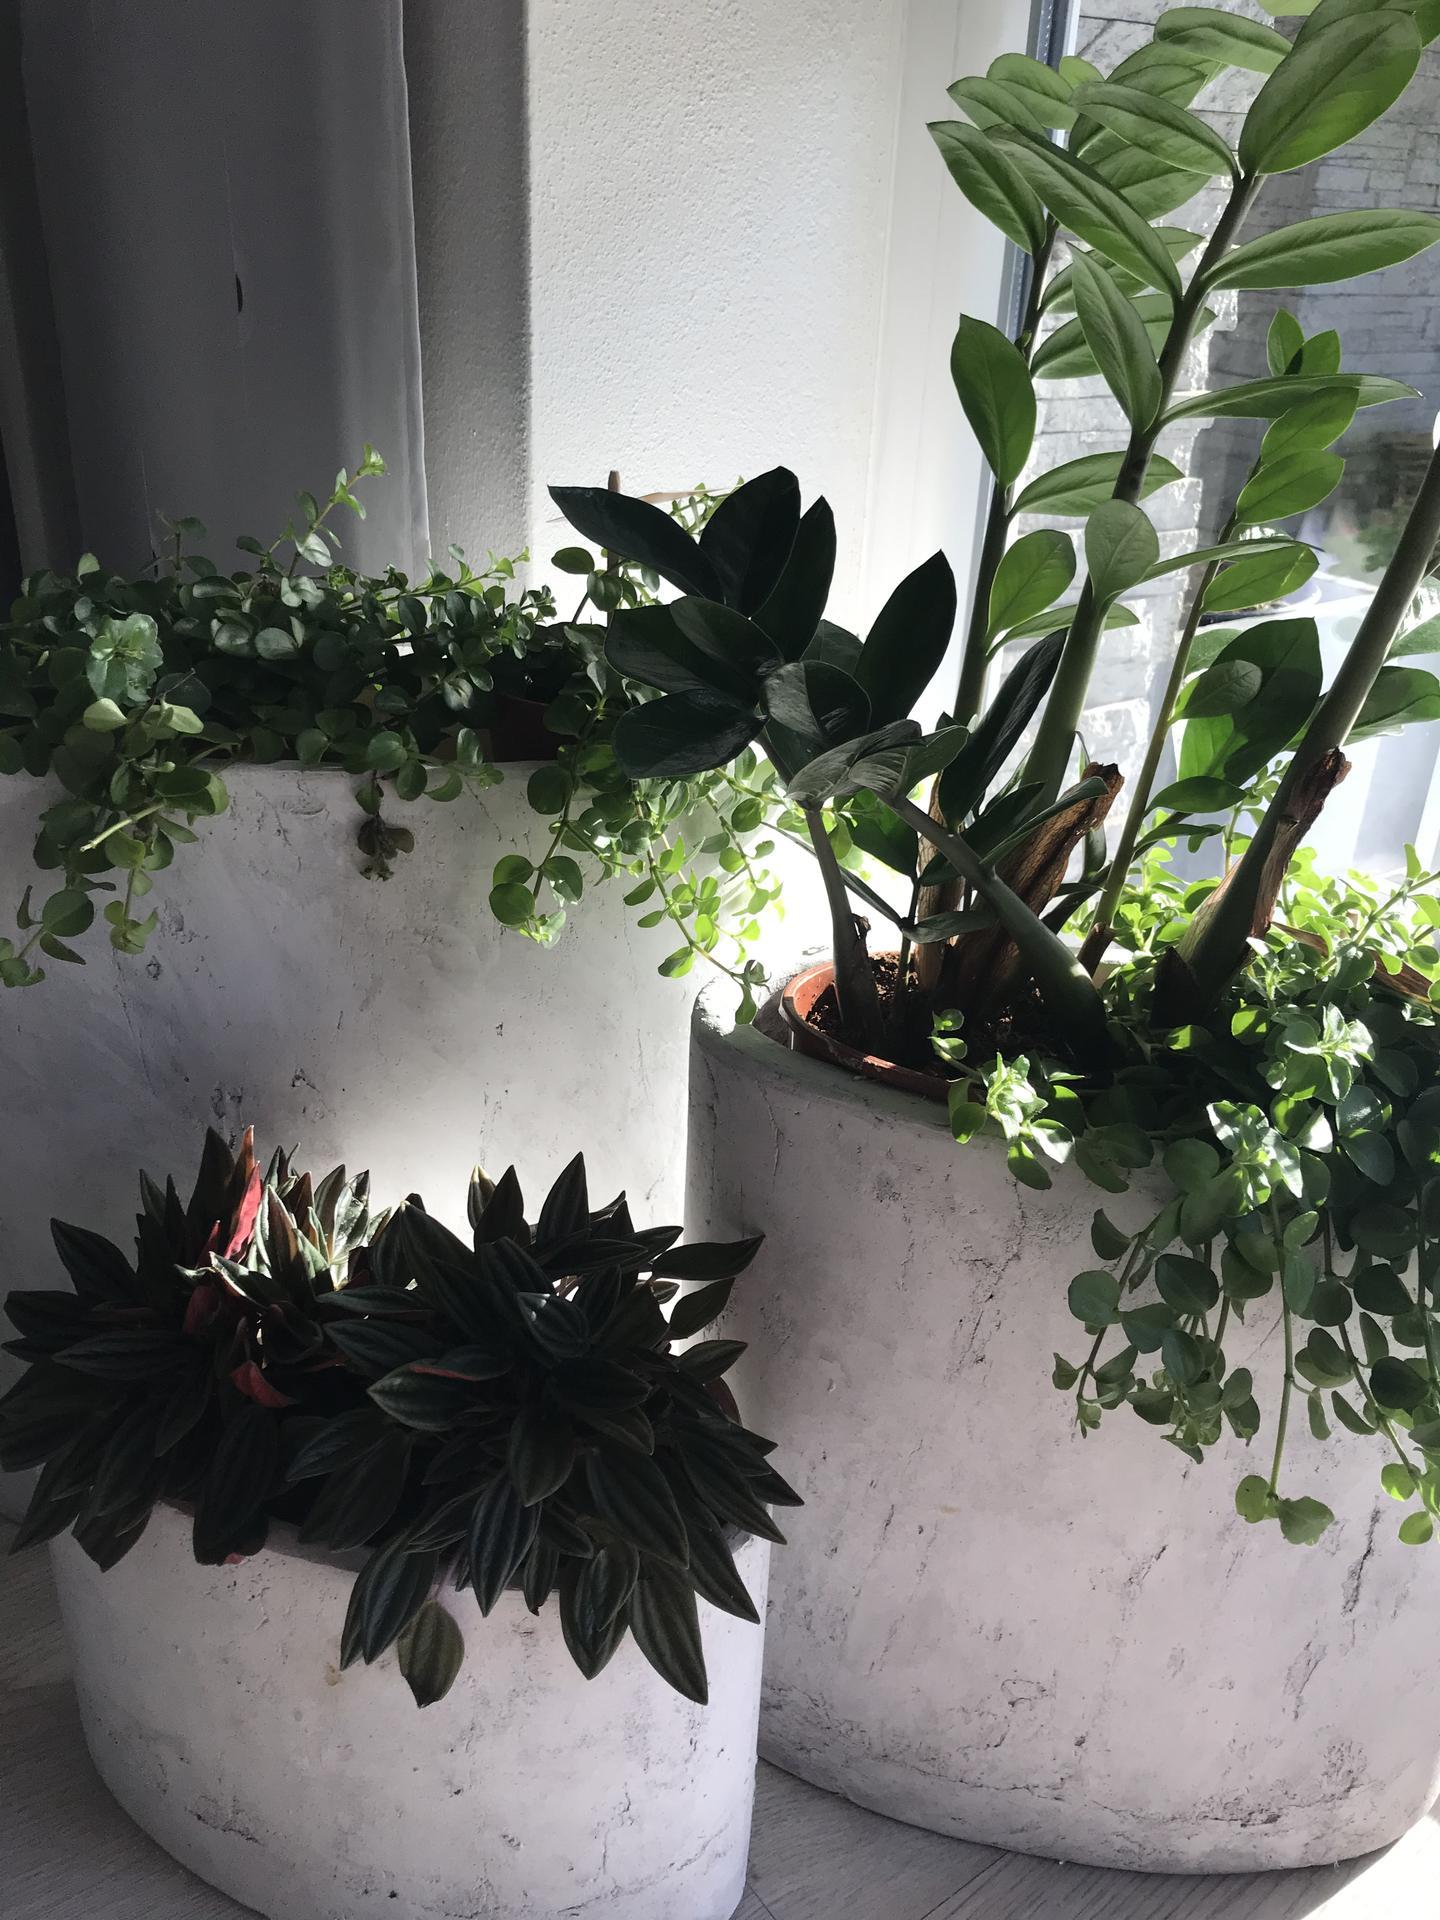 Život v roce 2021 - Na zahradě jaro postupuje pomalu, tak zatim radost z domácího kvítí🌱